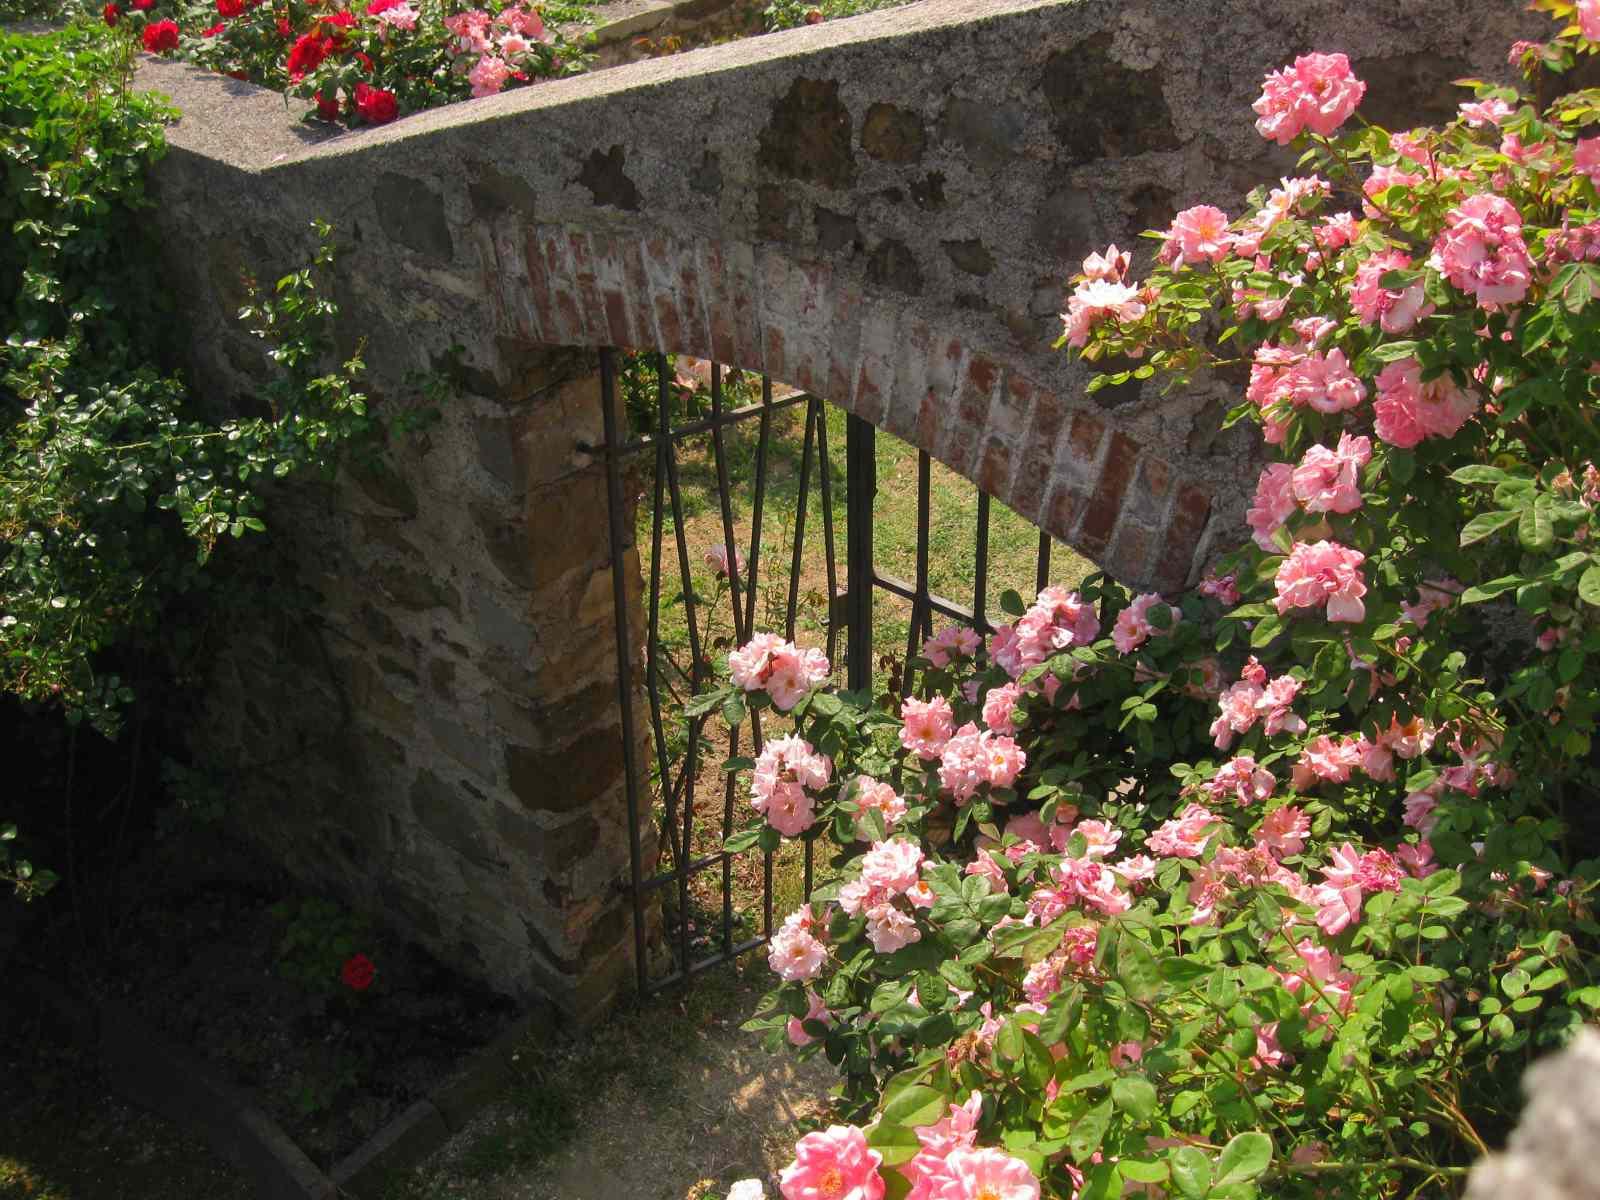 L abbazia di rosazzo ed il suo sentiero delle rose - Giardino con rose ...